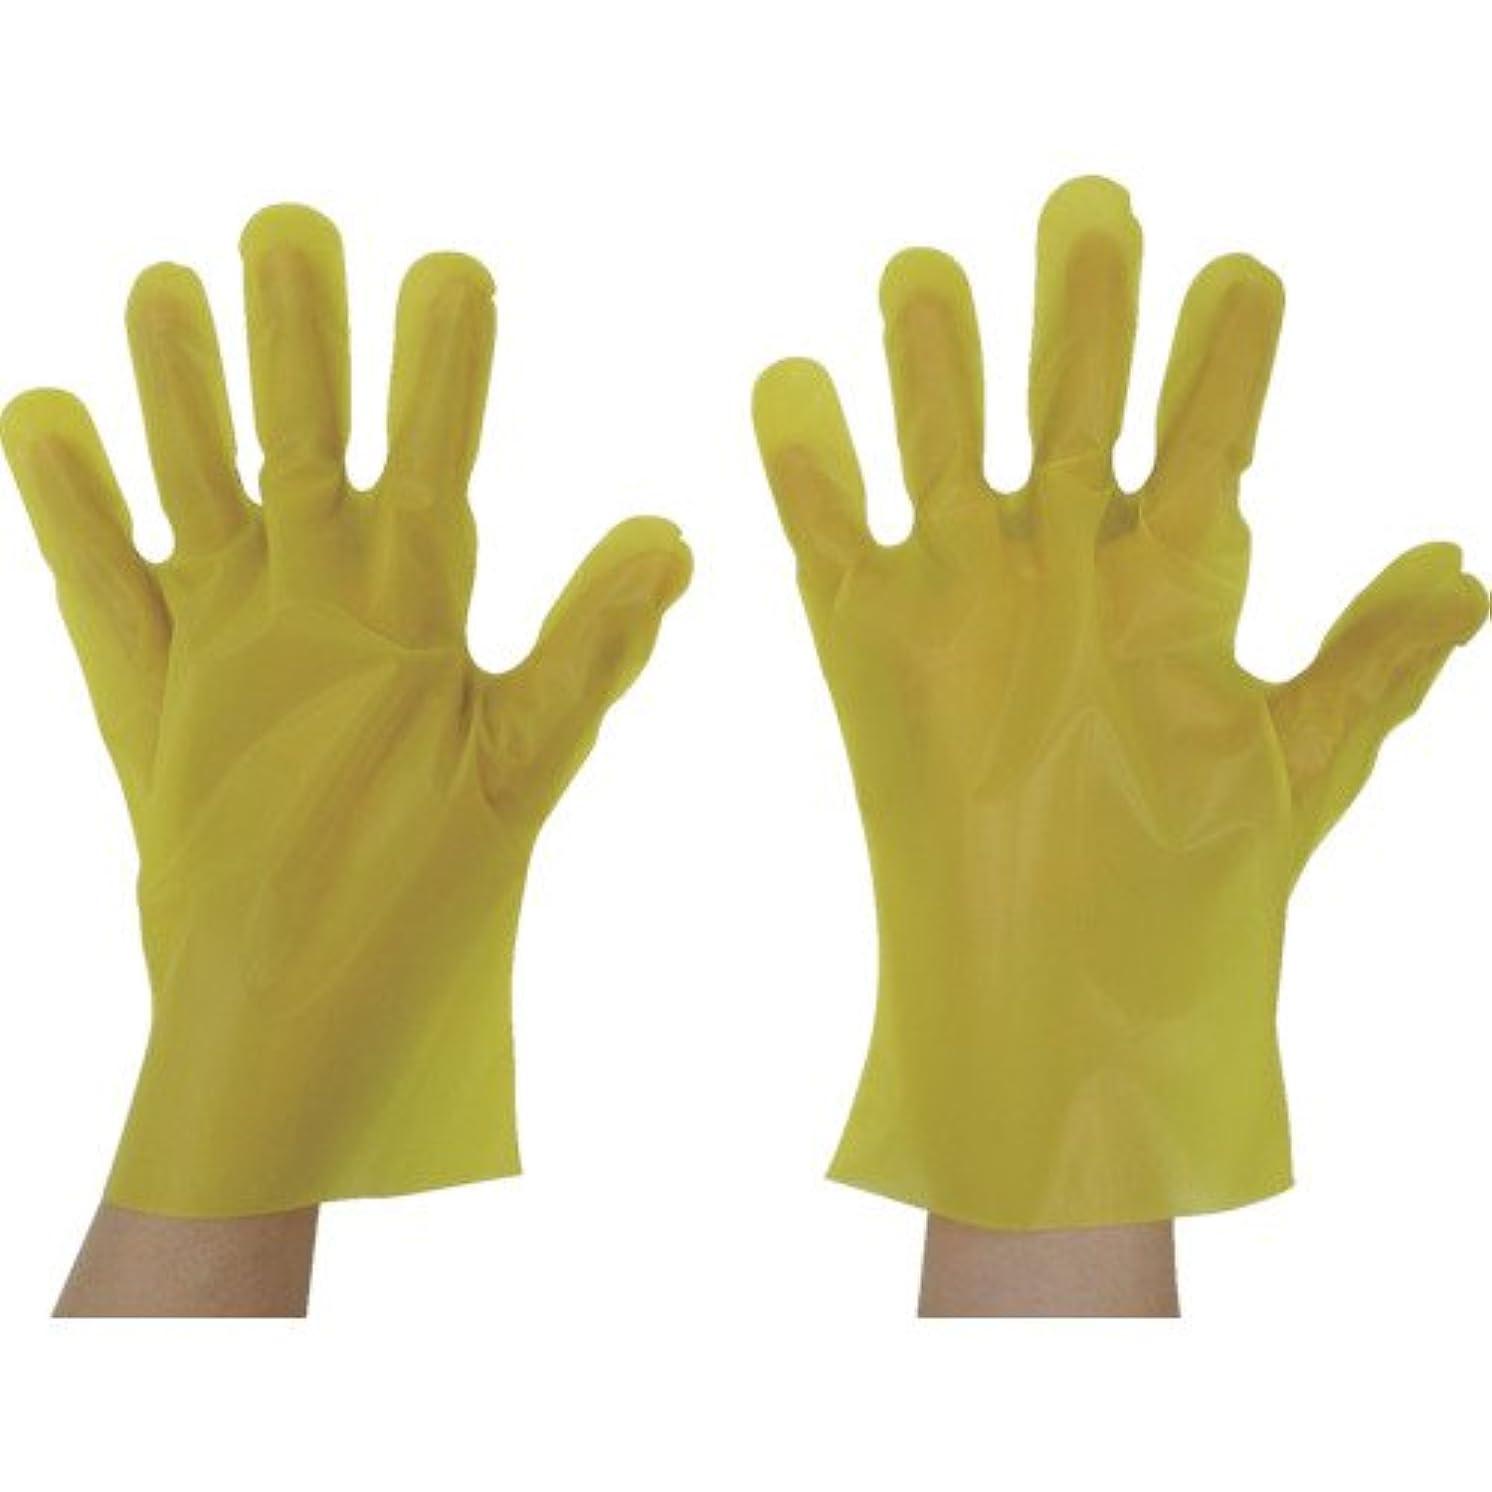 広まったアクティビティボウリング東京パック エンボス手袋五本絞りエコノミー化粧箱L イエロー(入数:200枚) YEK-L